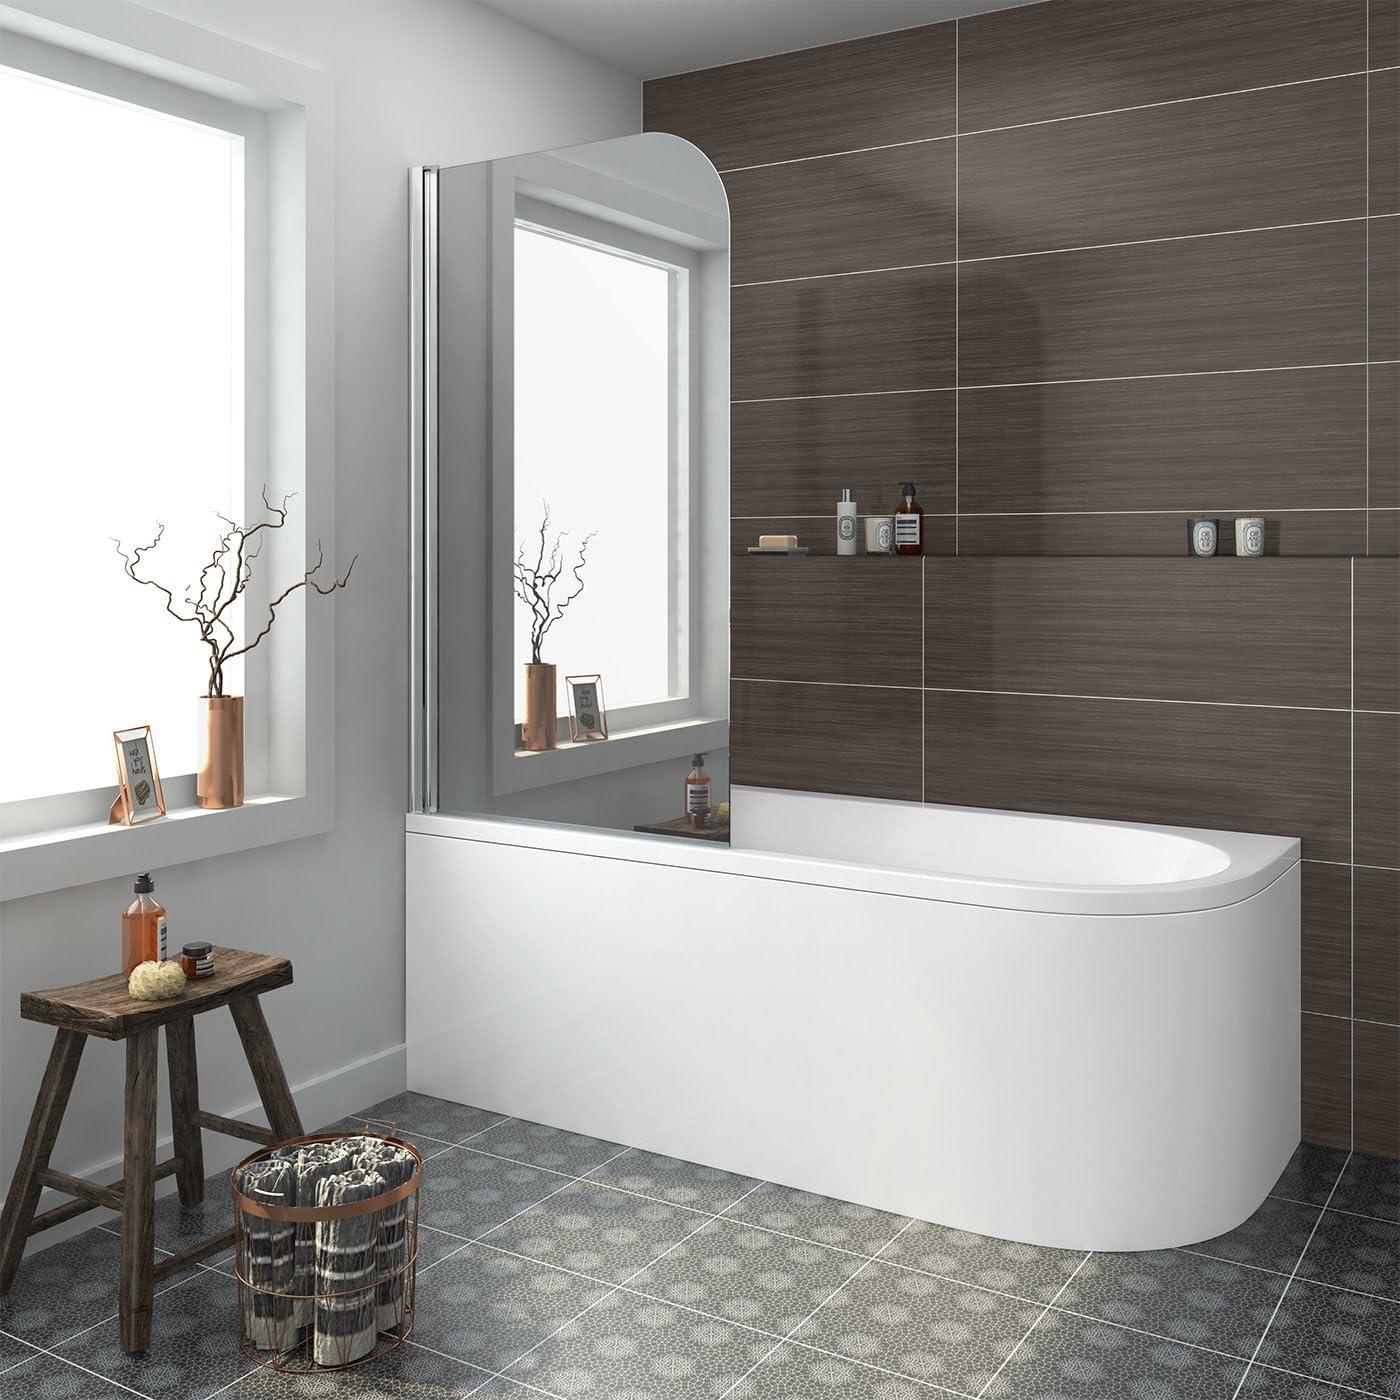 Espejo mano izquierda de ducha baño cristal acrílico blanco 6 mm cristal de seguridad puerta: iBathUK: Amazon.es: Hogar